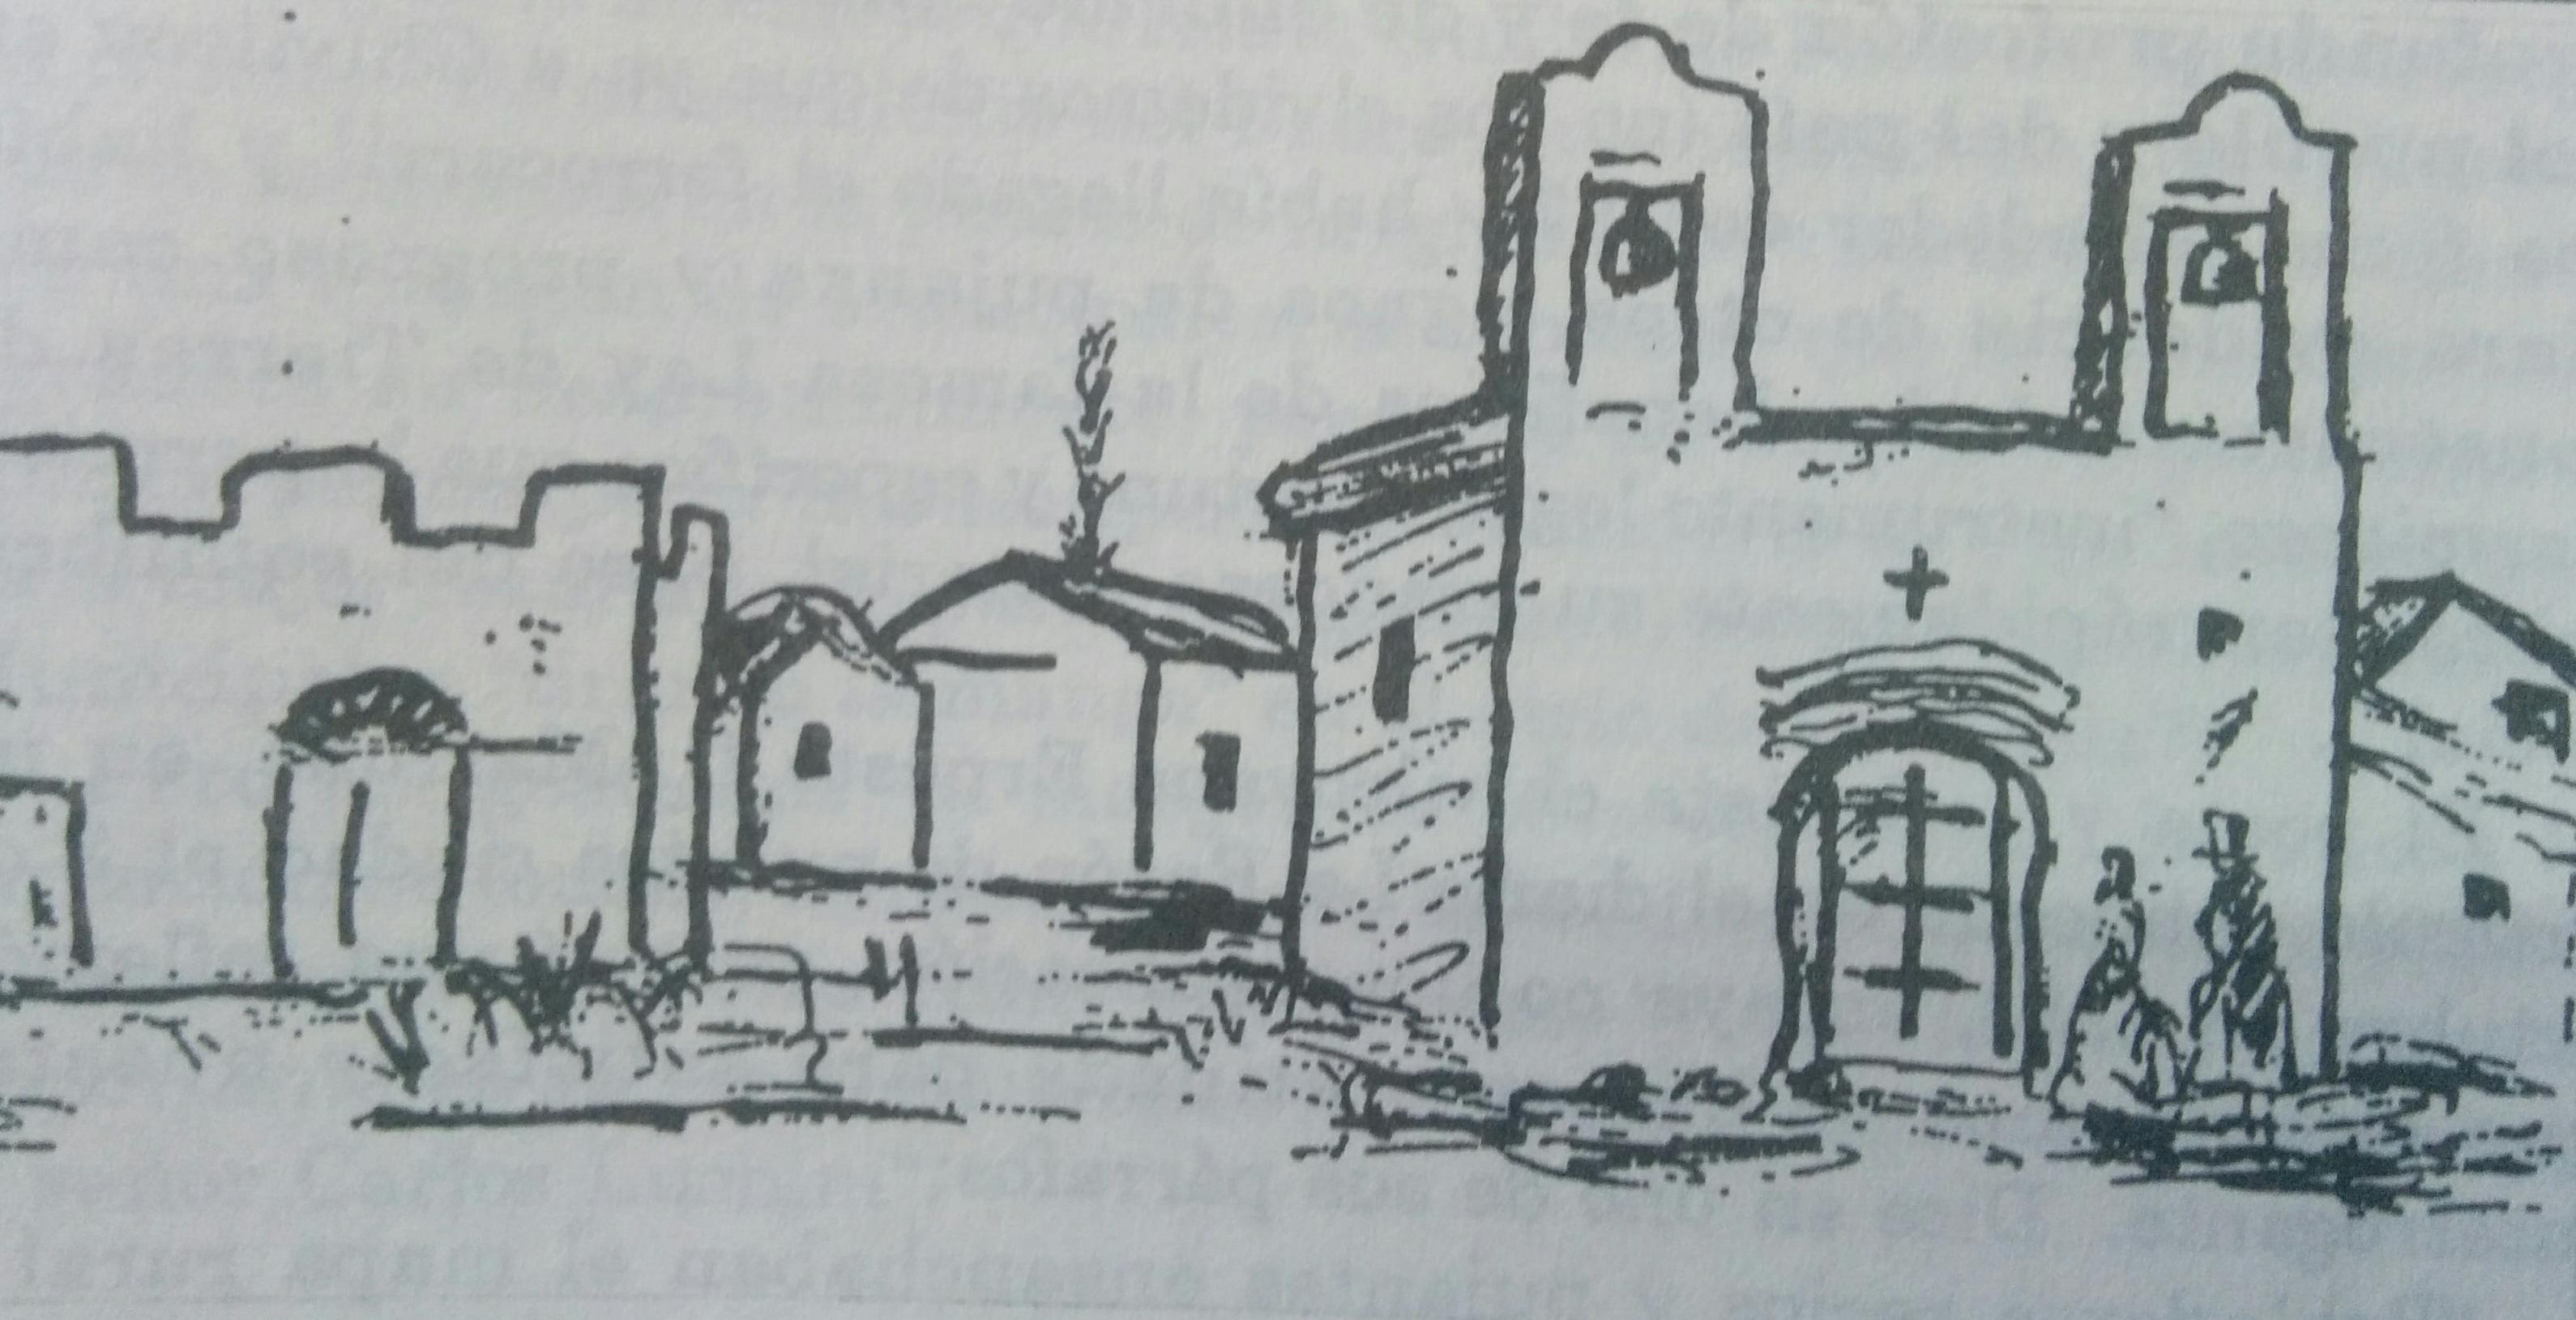 """Imagen de la primitiva capilla, en honor de la Virgen Nuestra Señora de Rosario, inaugurada en el mes de marzo de 1857, según un dibujo de Jean Paul Laverdet, quien ilustró el libro """"El Pueblo de Sarmiento"""", del Ing. Mauricio Birabent, en 1938."""